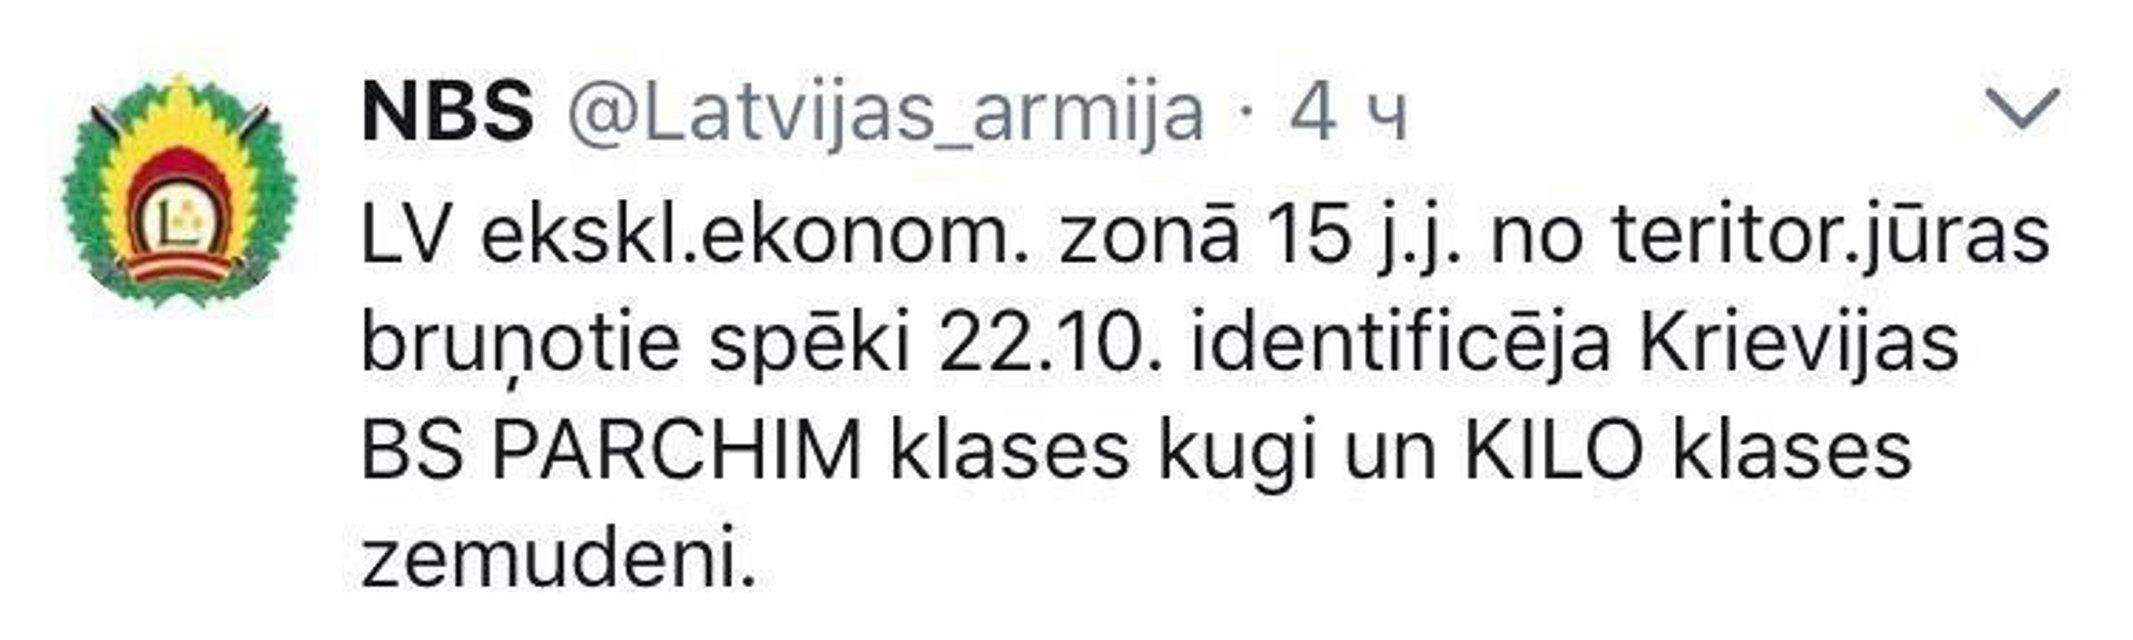 Скриншот записи на странице Национальных вооруженных сил Латвии - фото 83551